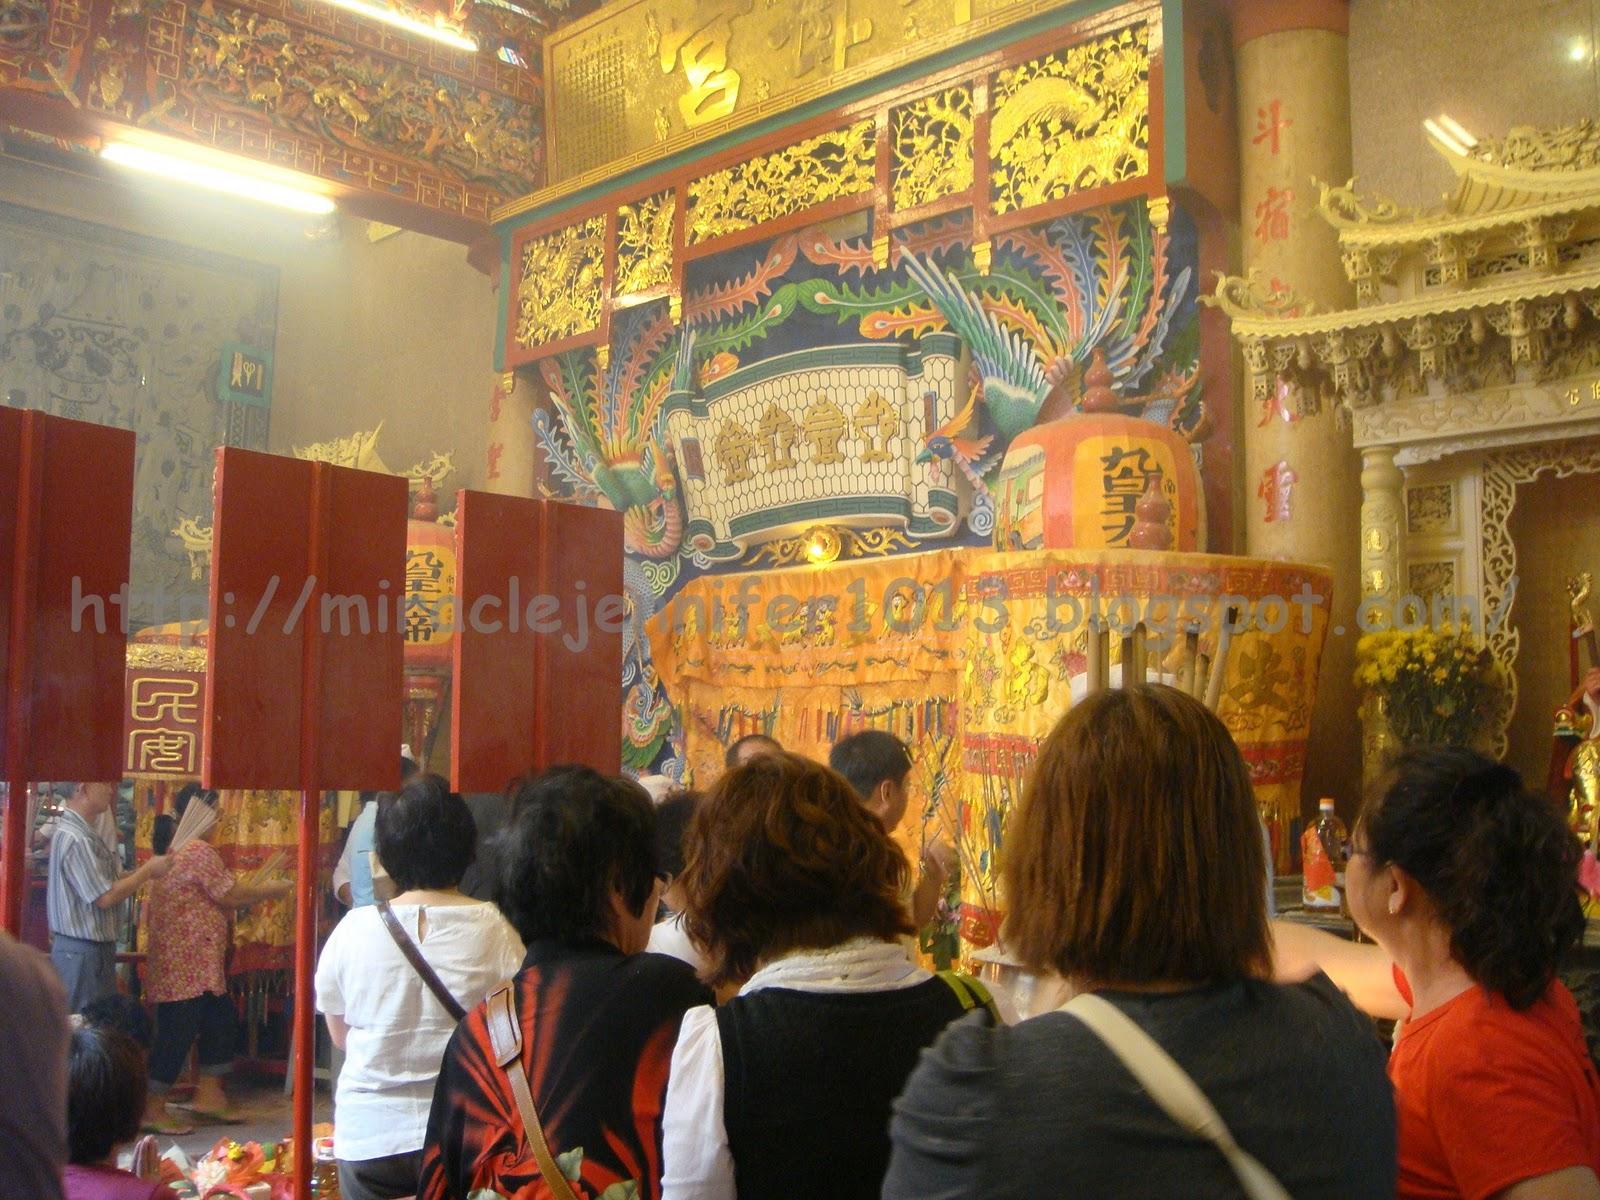 ampang girls See photos, tips, similar places specials, and more at gamma girls.